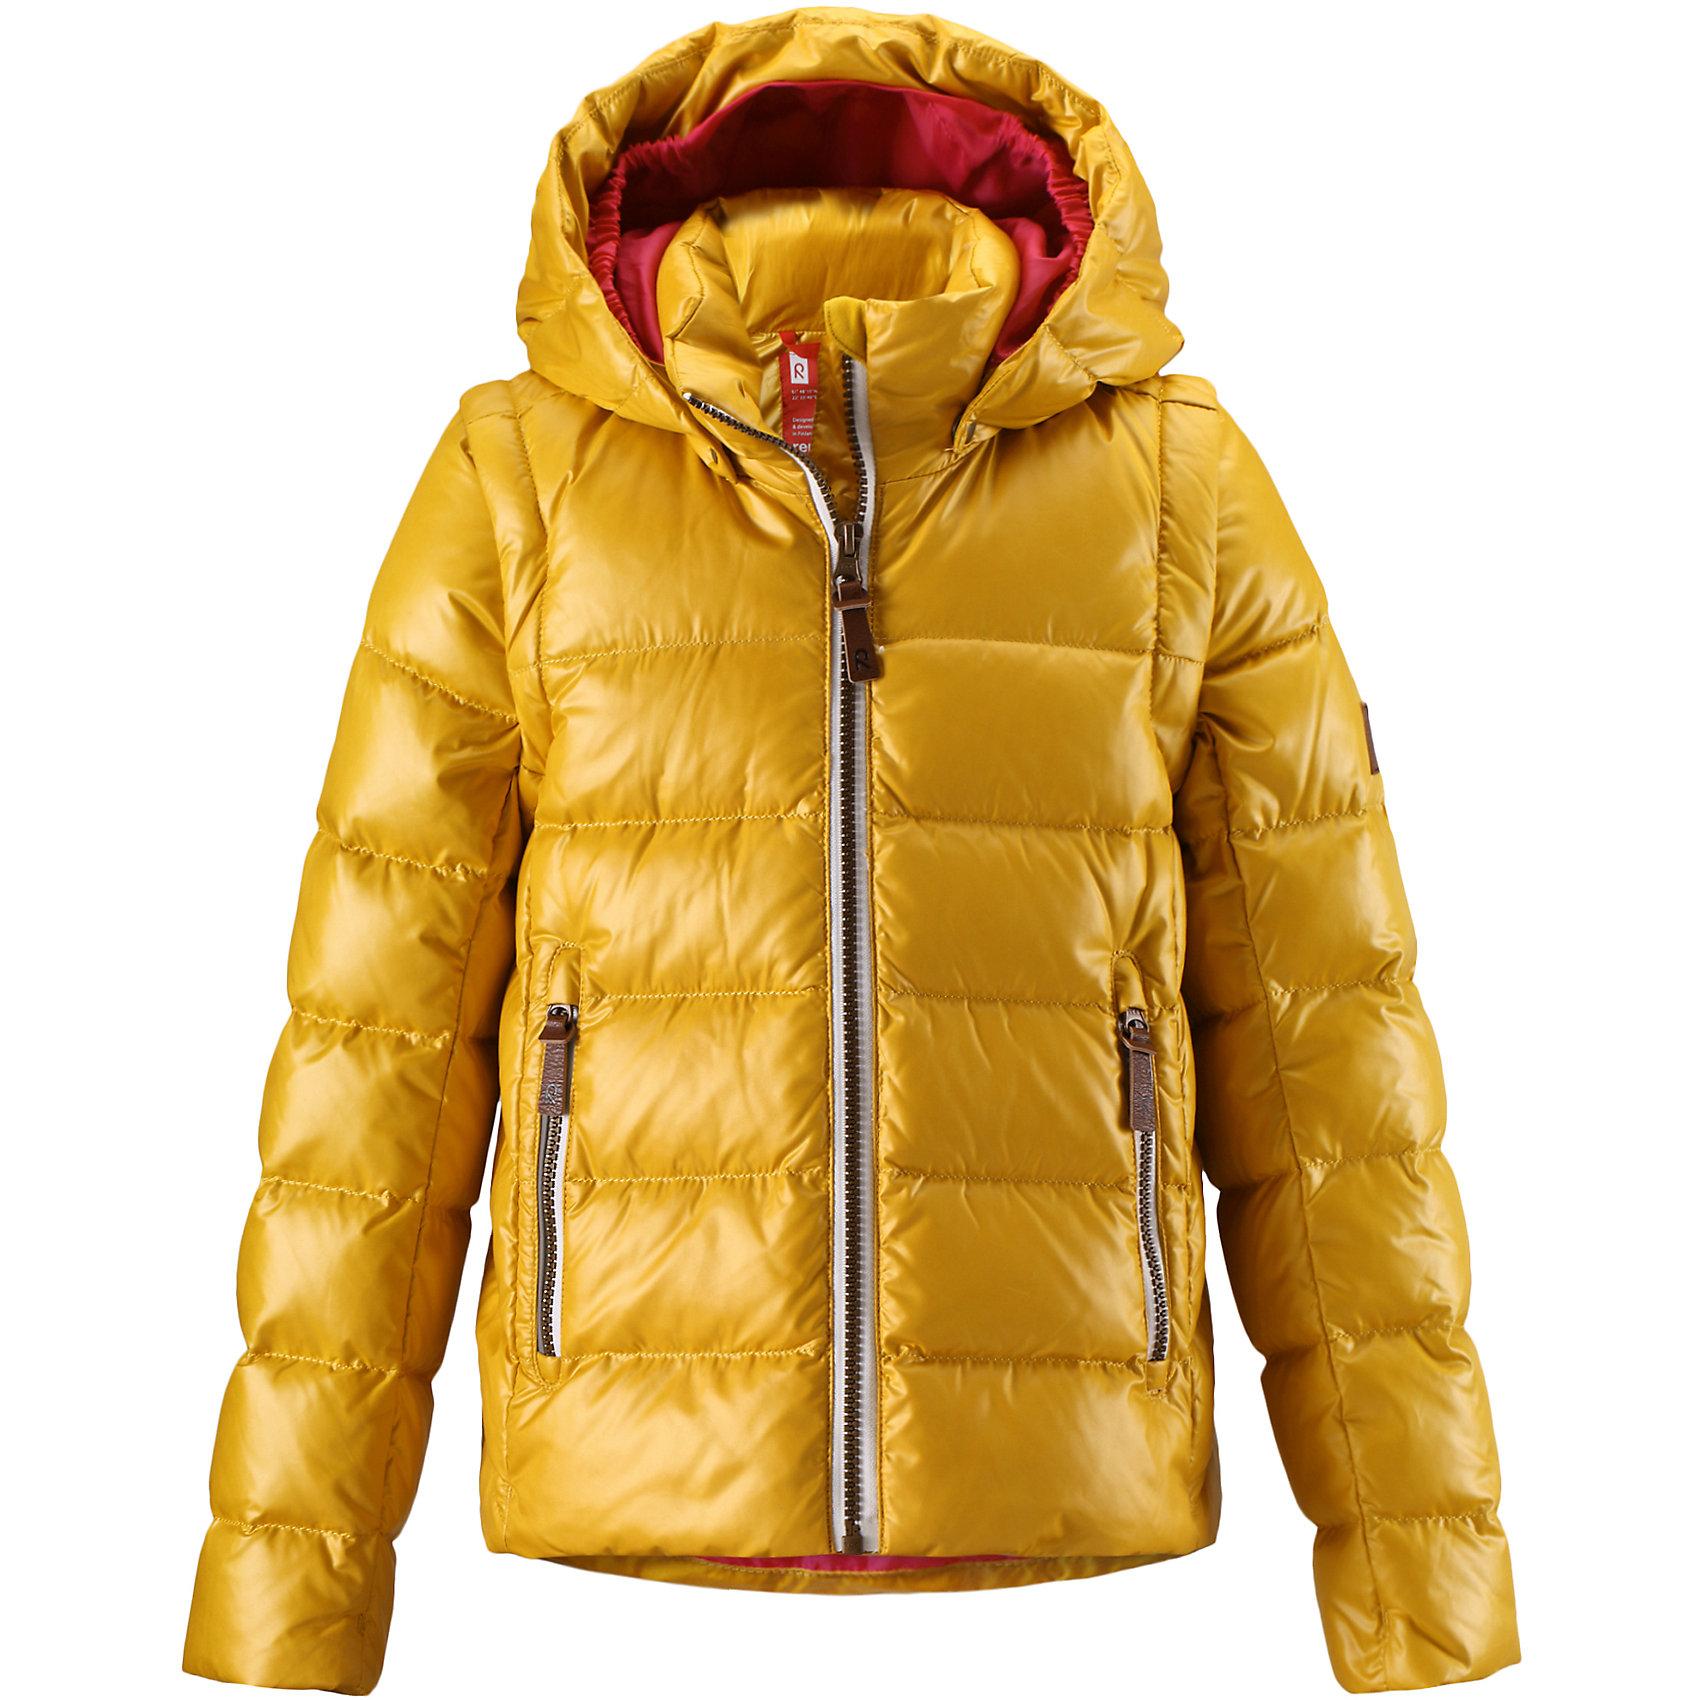 Куртка Sneak для девочки ReimaОдежда<br>Куртка для девочки от финского бренда Reima.<br>Пуховая куртка для подростков. Водоотталкивающий, ветронепроницаемый, «дышащий» и грязеотталкивающий материал. Крой для девочек. Гладкая подкладка из полиэстра. В качестве утеплителя использованы пух и перо (60%/40%). Безопасный, съемный капюшон. Эластичные манжеты. Отстегивающиеся рукава на молнии. Эластичная кромка подола. Два кармана на молнии. Безопасные светоотражающие детали.<br>Рекомендация по уходу:<br>Стирать по отдельности, вывернув наизнанку. Застегнуть молнии и липучки. Стирать моющим средством, не содержащим отбеливающие вещества. Полоскать без специального средства. Во избежание изменения цвета изделие необходимо вынуть из стиральной машинки незамедлительно после окончания программы стирки. Барабанное сушение при низкой температуре с 3 теннисными мячиками. Выверните изделие наизнанку в середине сушки.<br>Состав:<br>100% ПЭ<br><br>Ширина мм: 356<br>Глубина мм: 10<br>Высота мм: 245<br>Вес г: 519<br>Цвет: желтый<br>Возраст от месяцев: 84<br>Возраст до месяцев: 96<br>Пол: Женский<br>Возраст: Детский<br>Размер: 128,164,140<br>SKU: 5087158